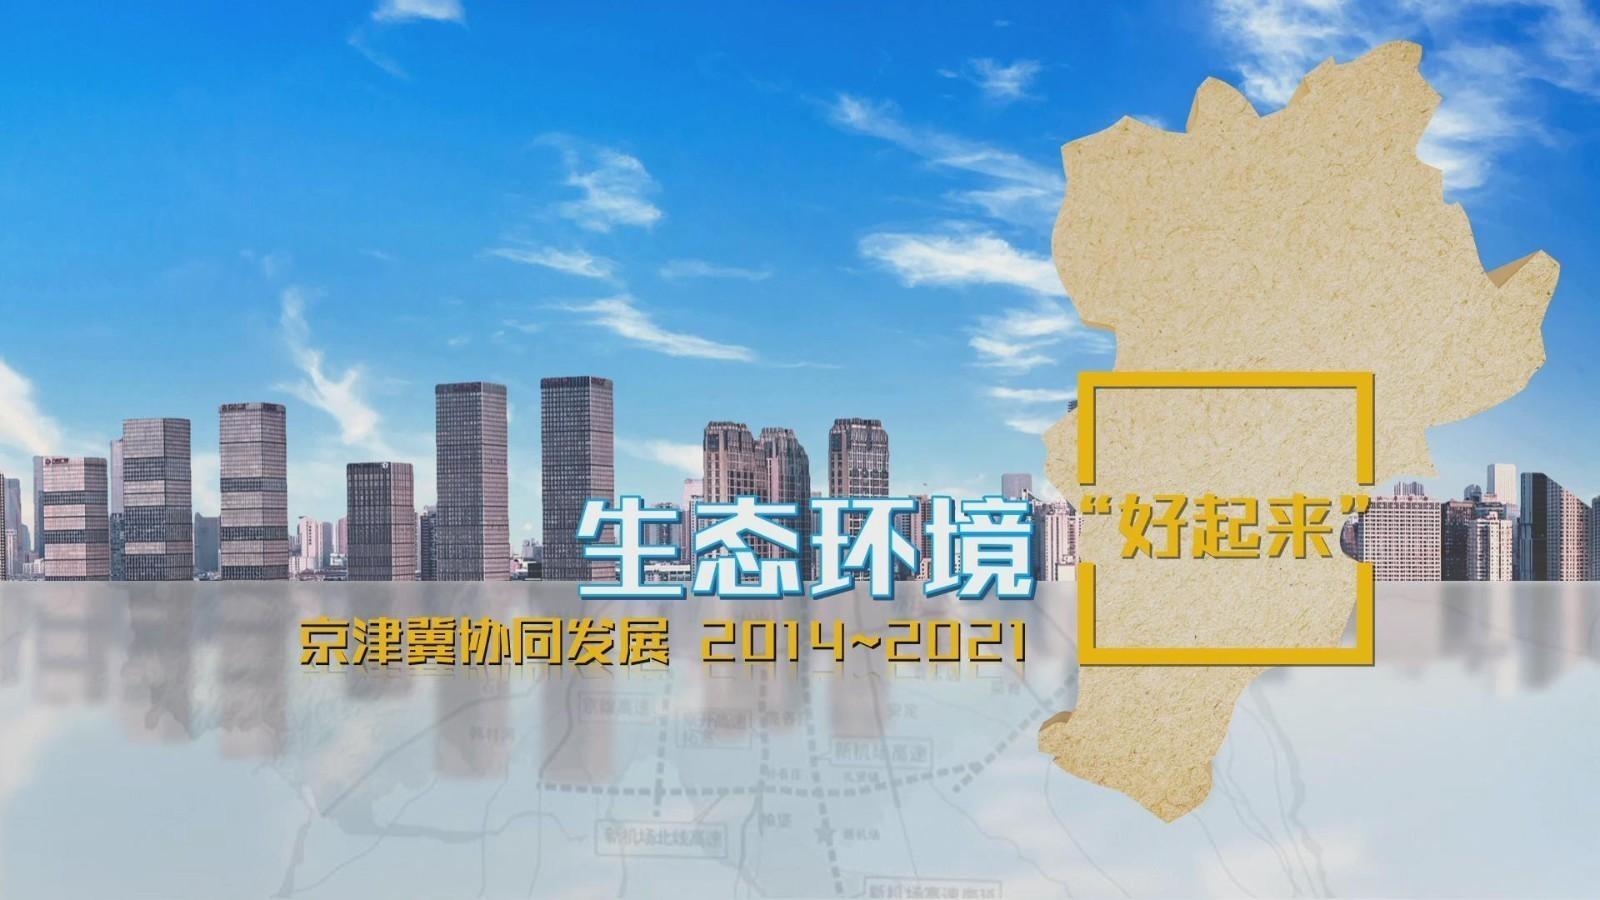 """京津冀三地协同发展——生态环境""""好起来"""""""